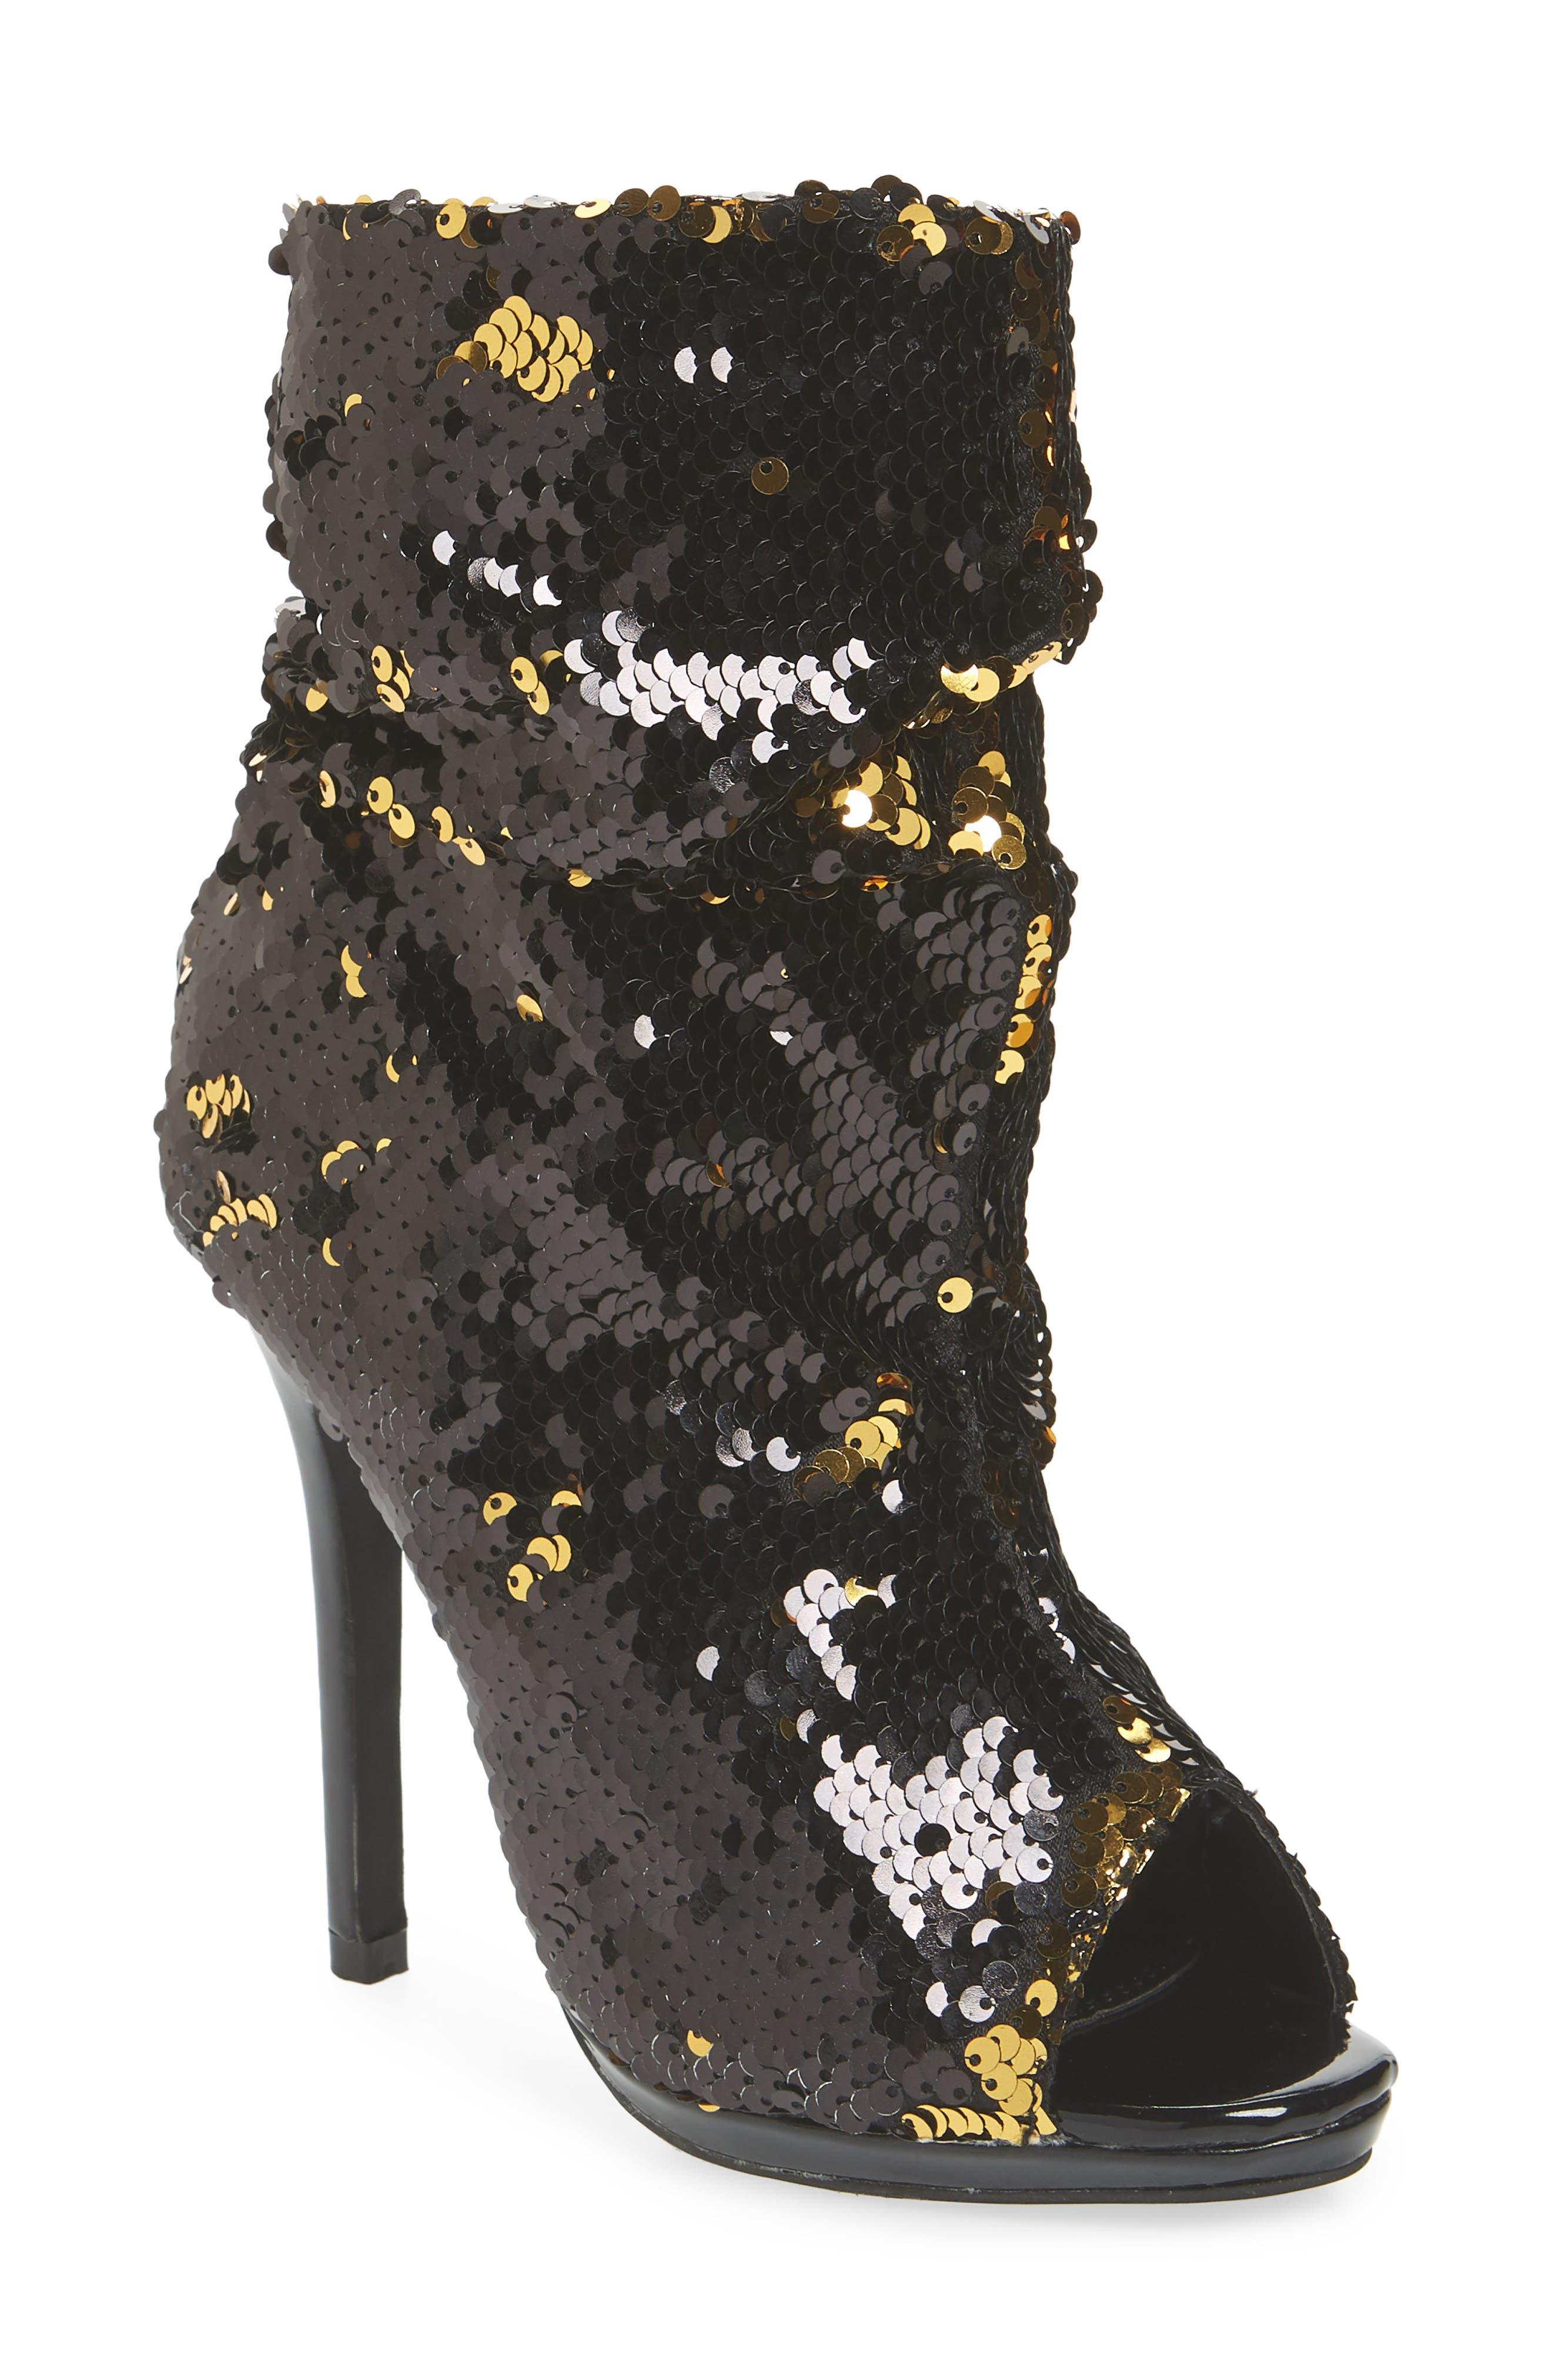 LAUREN LORRAINE Marlow Sequin Slouch Bootie, Main, color, BLACK FABRIC